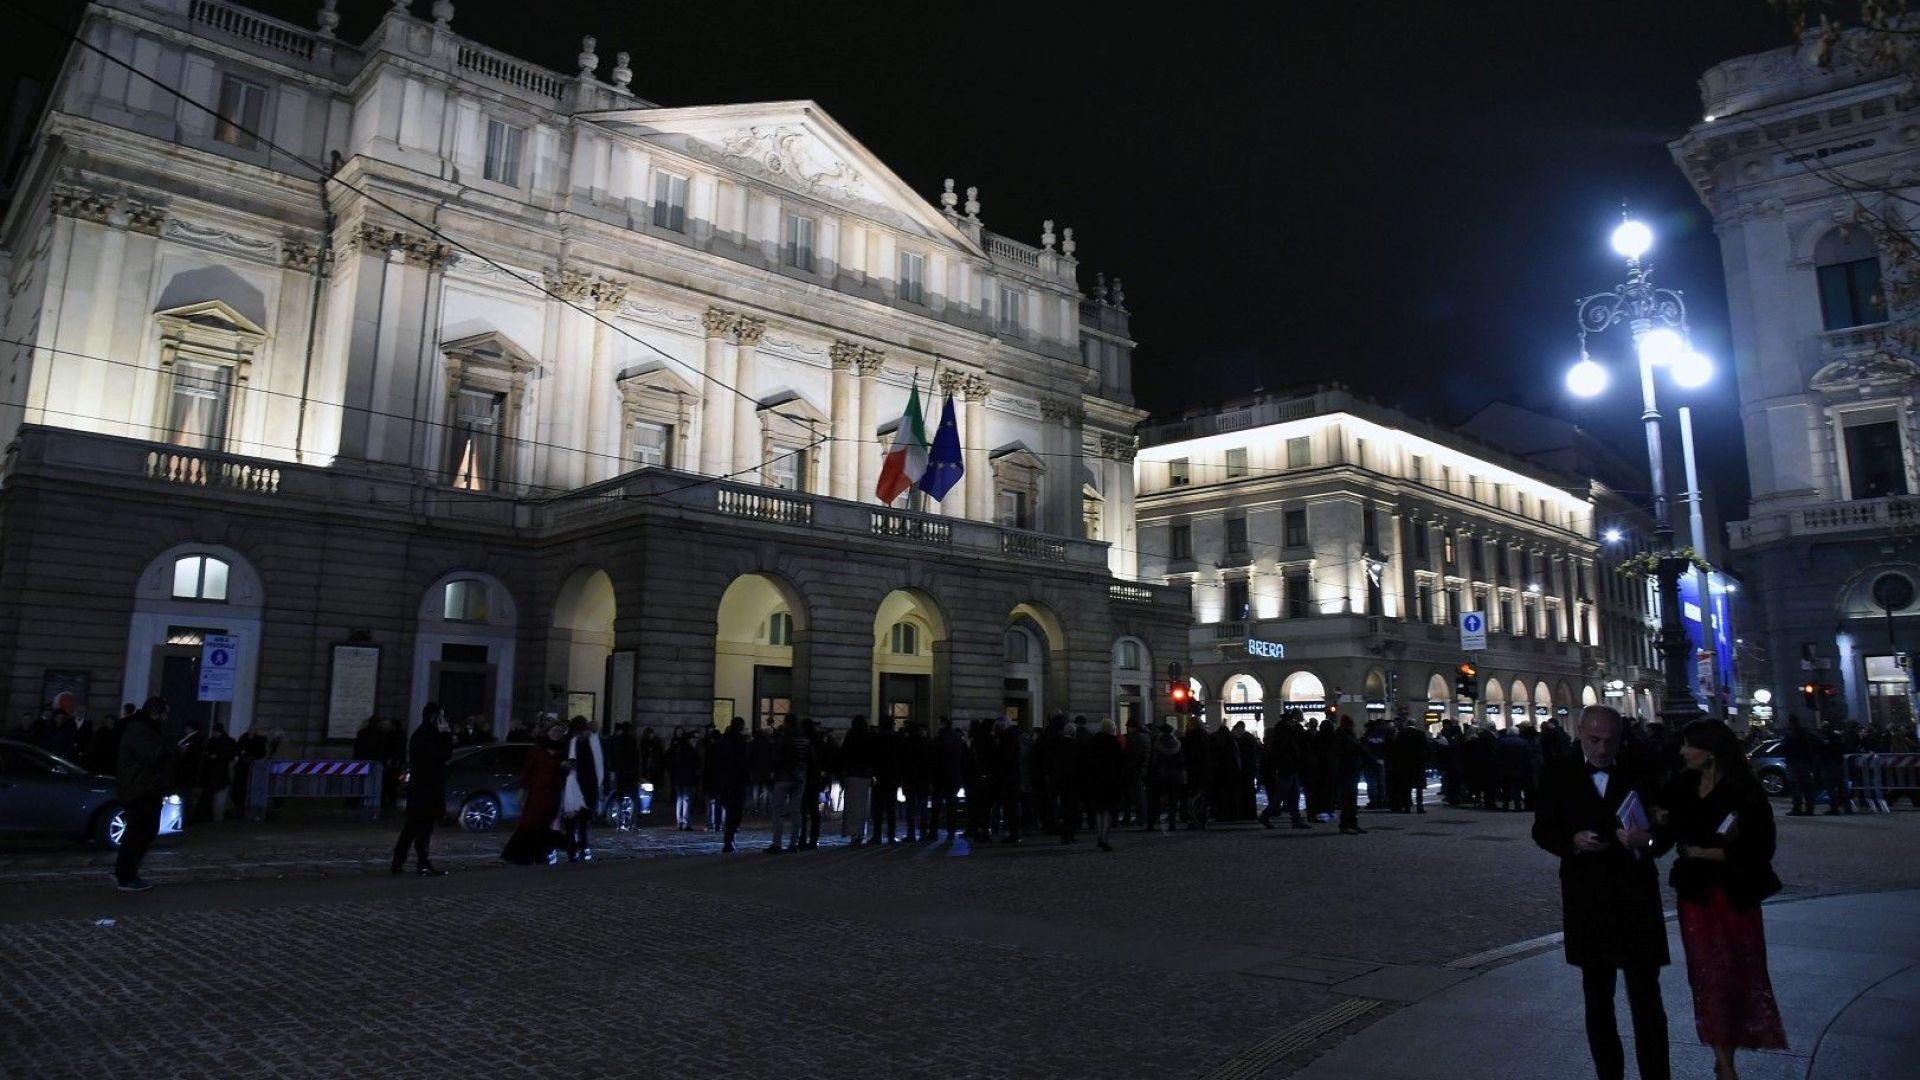 9 нощувки в Италия по-евтини от 3 във Велинград?